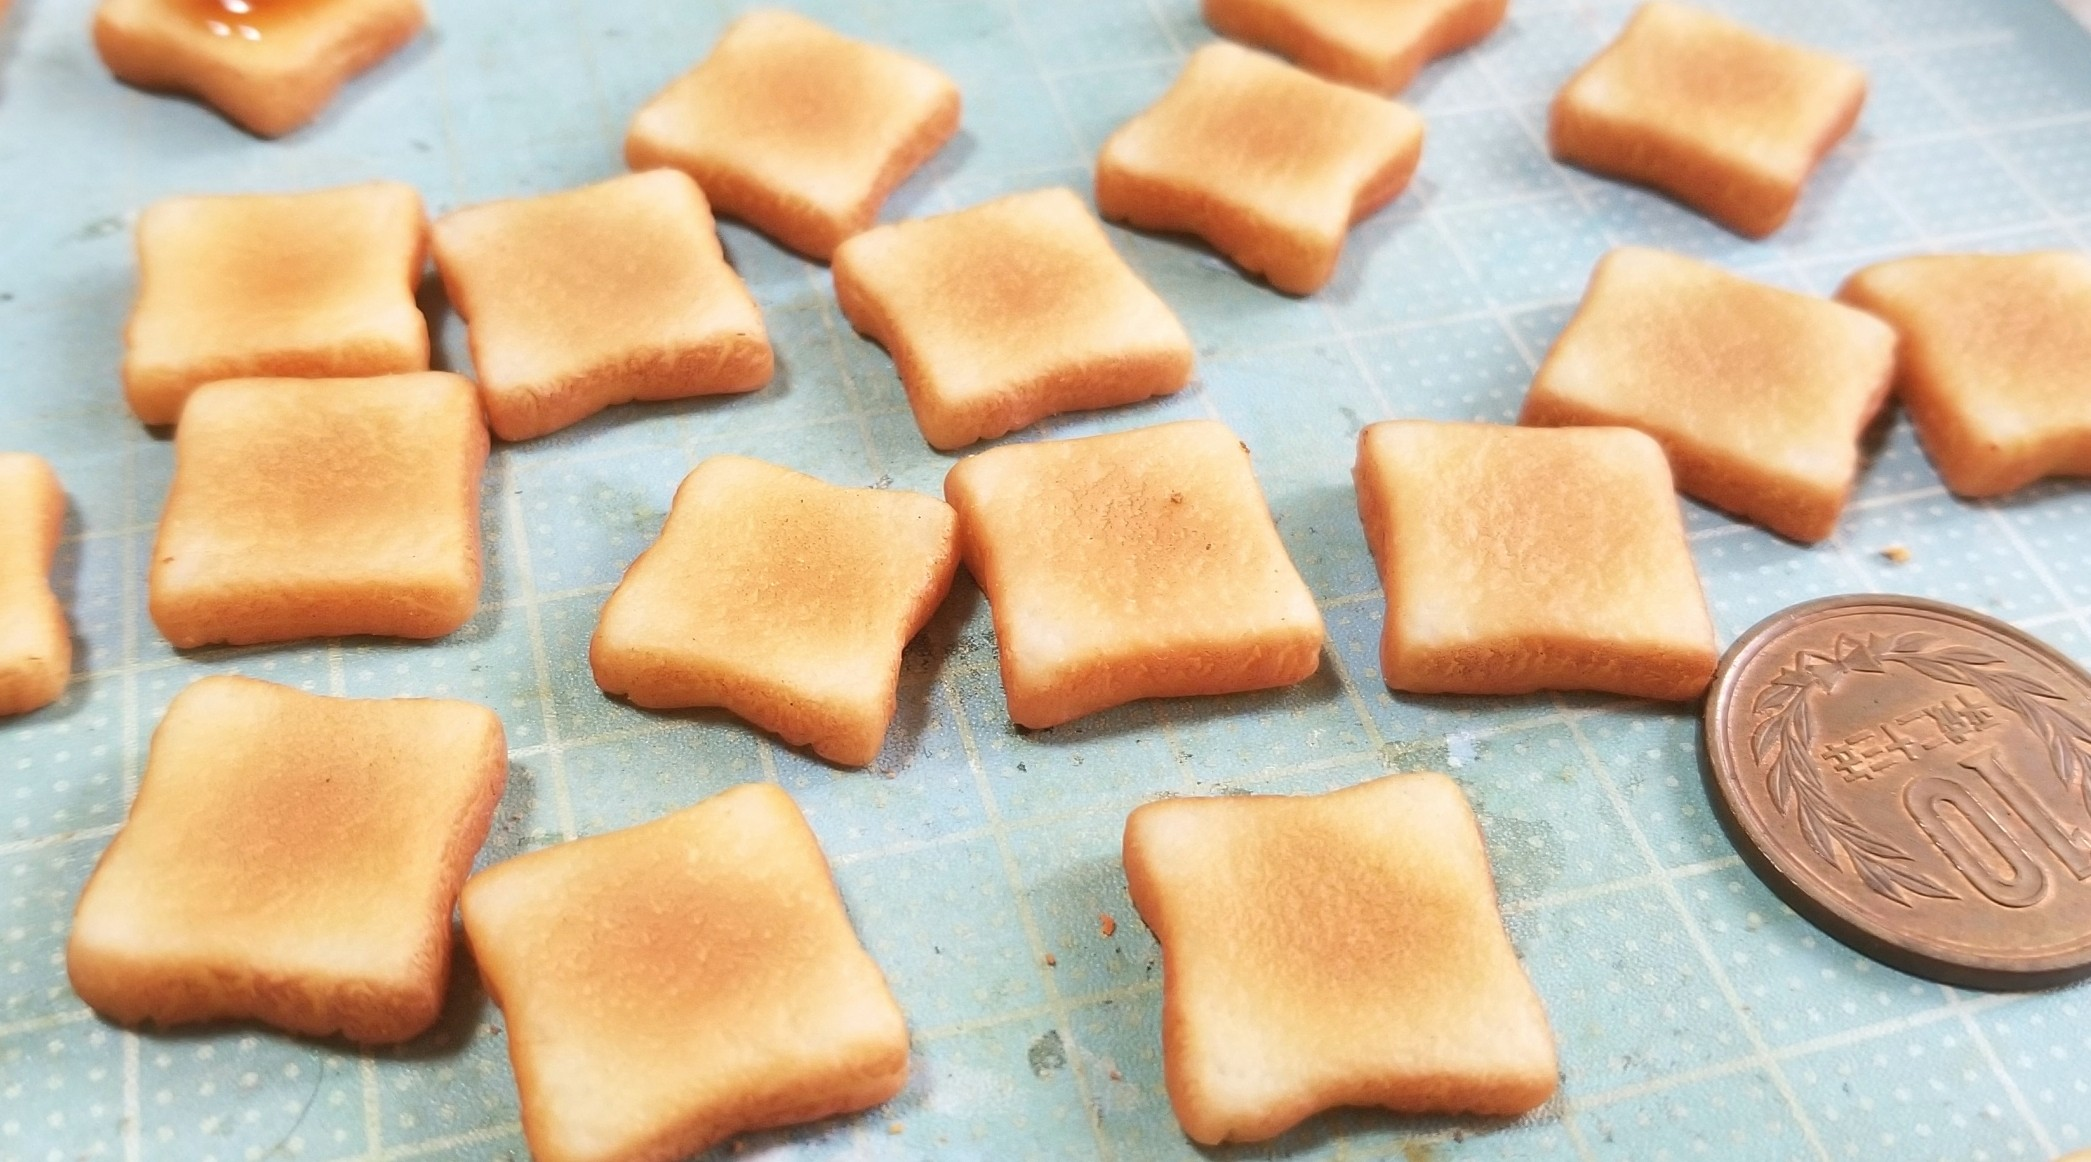 ミニチュア食パンの作り方,美味しいパン,こんがりサクサク,ドール用